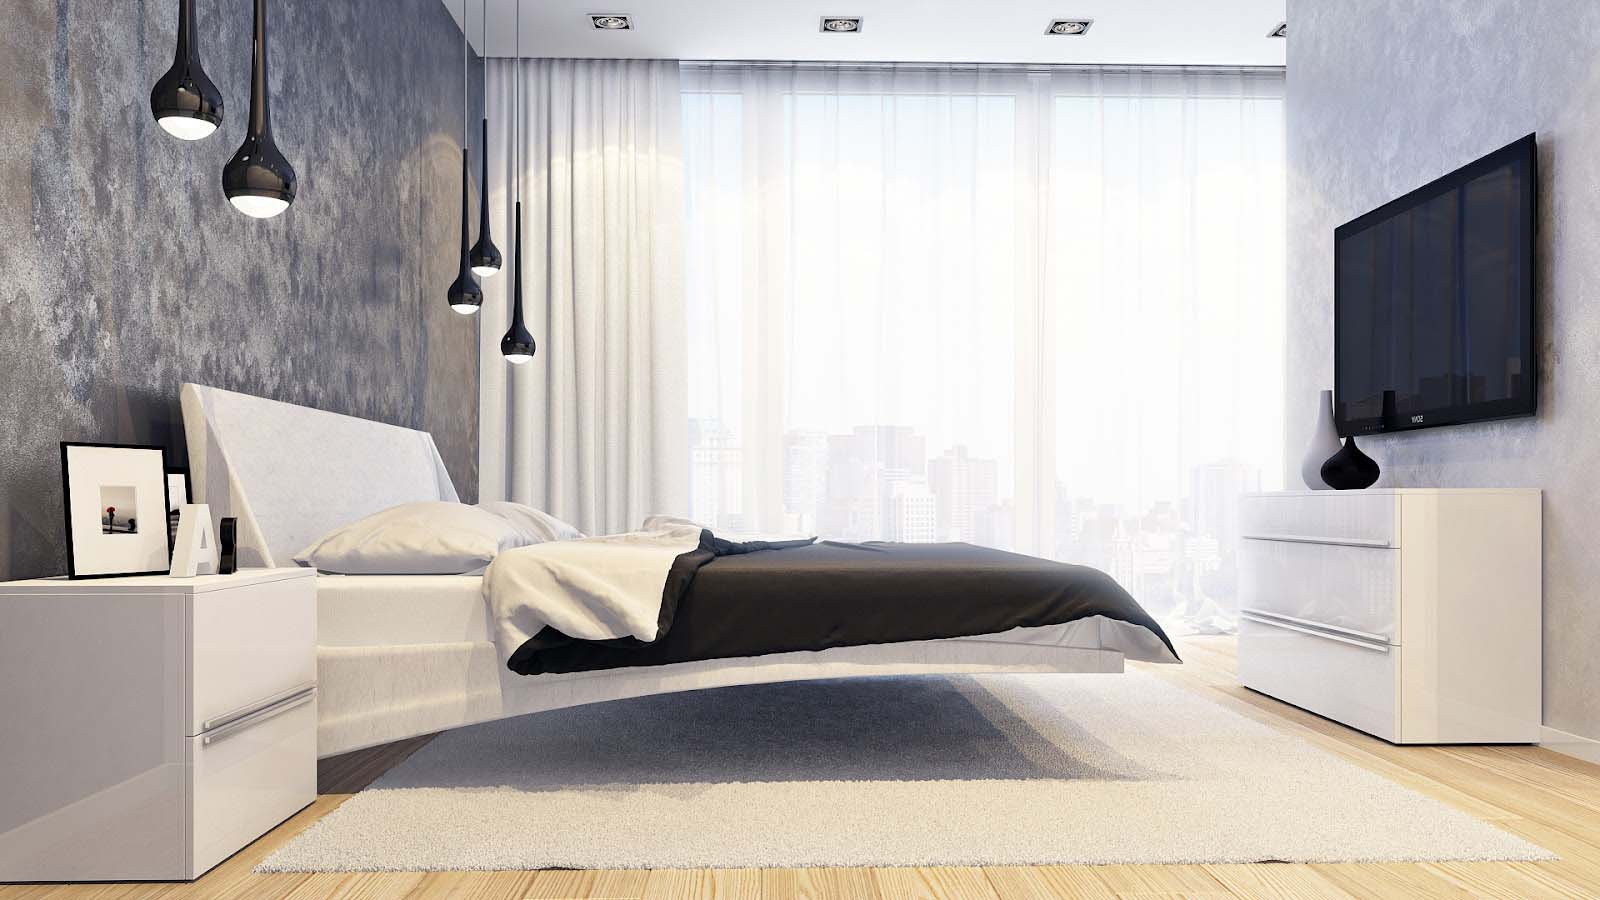 Необычная кровать в минималистичной спальне